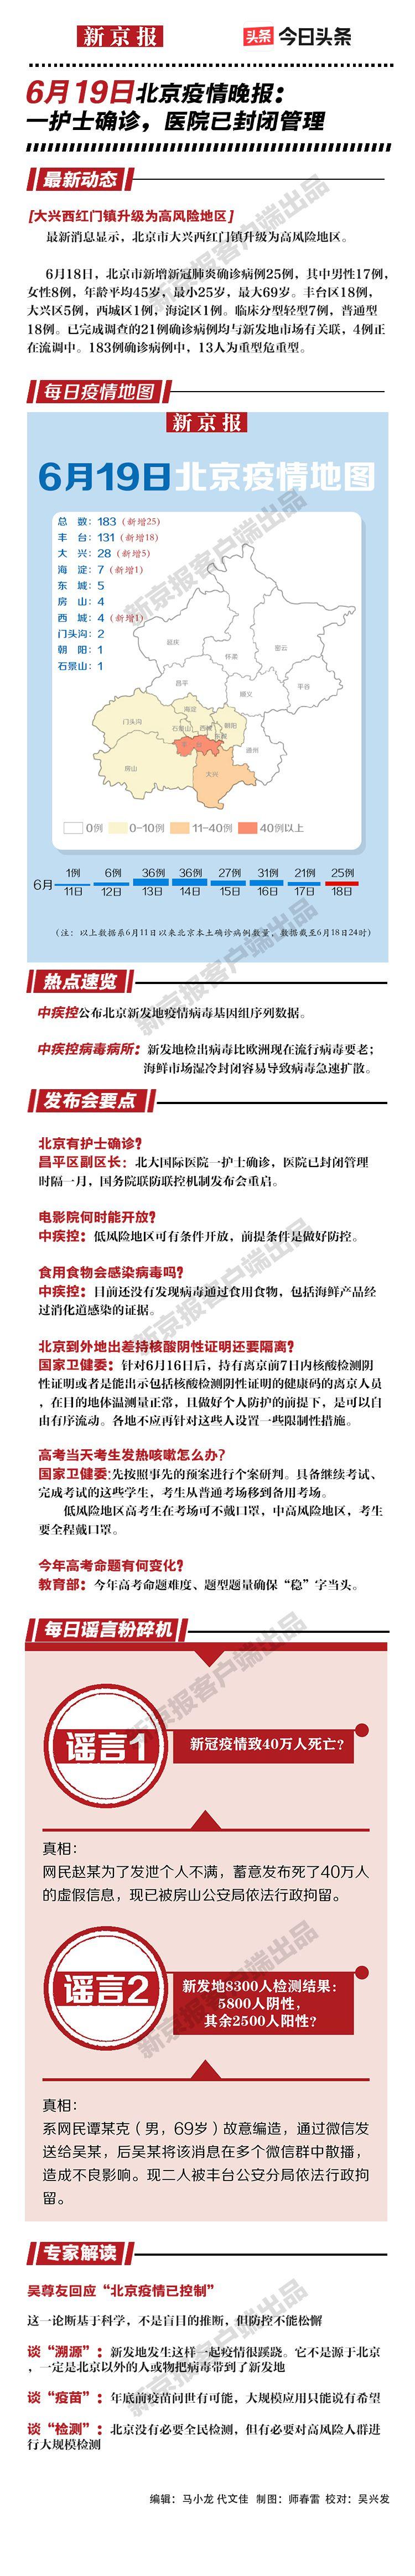 摩天平台,览6摩天平台月19日北京疫情晚报图片